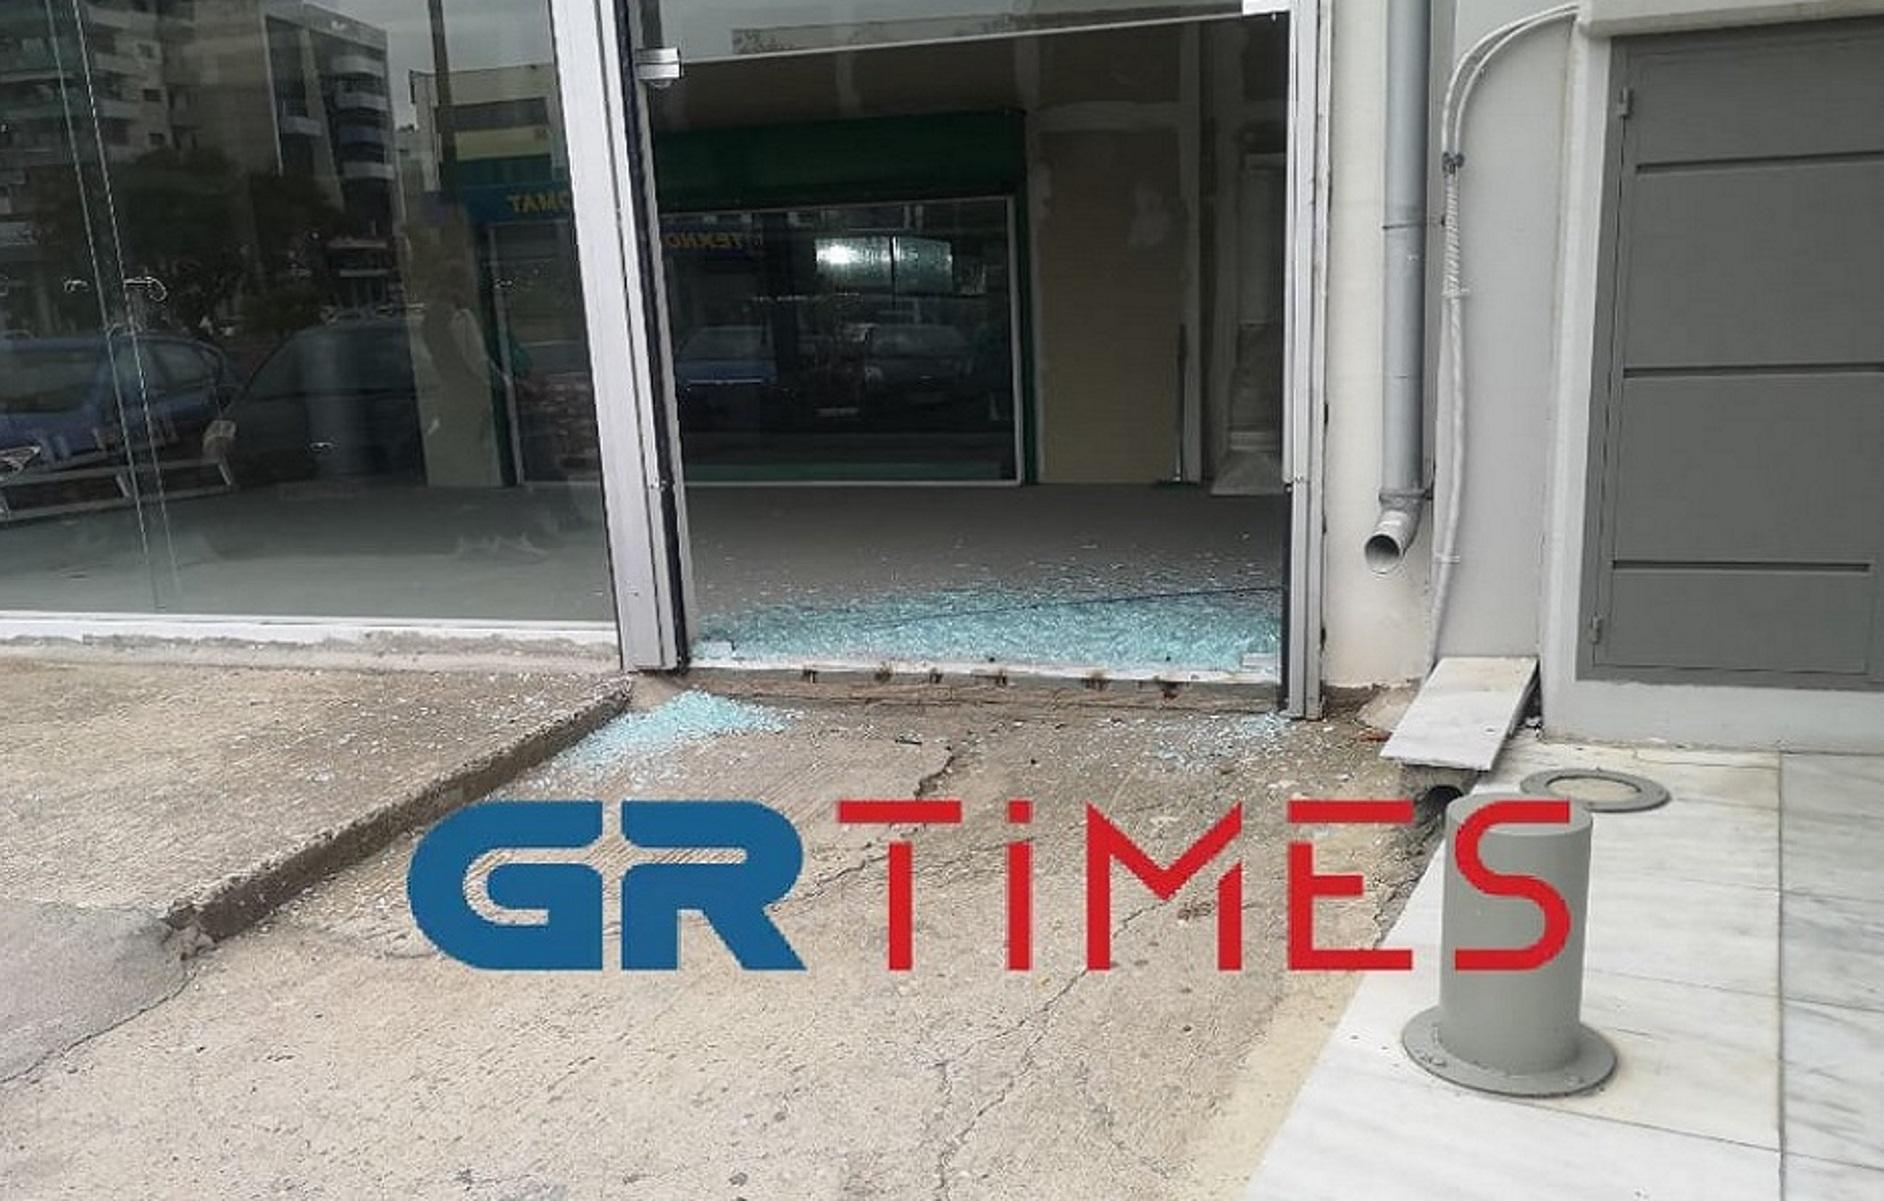 Θεσσαλονίκη: Οδηγός «πάρκαρε» μέσα σε κατάστημα – Αντί όπισθεν έβαλε 1η